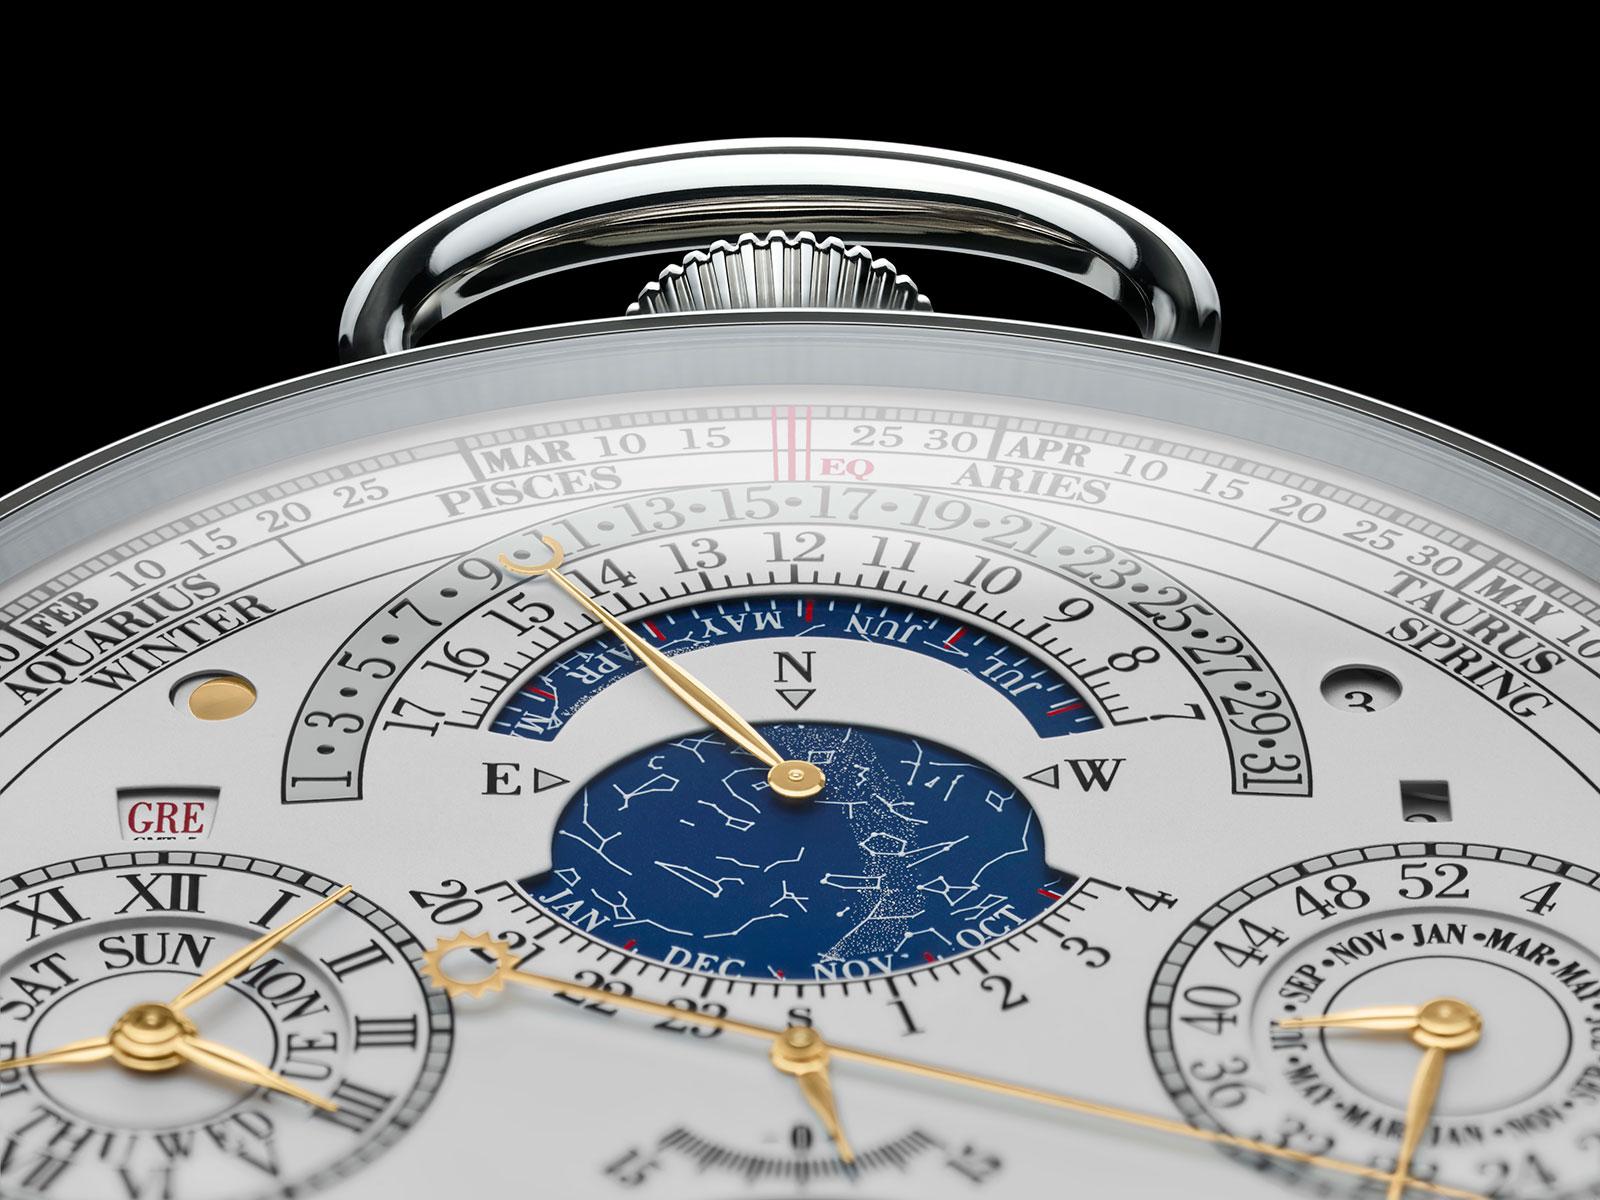 Vacheron Constantin Reference 57260 Tivoli Calendarios